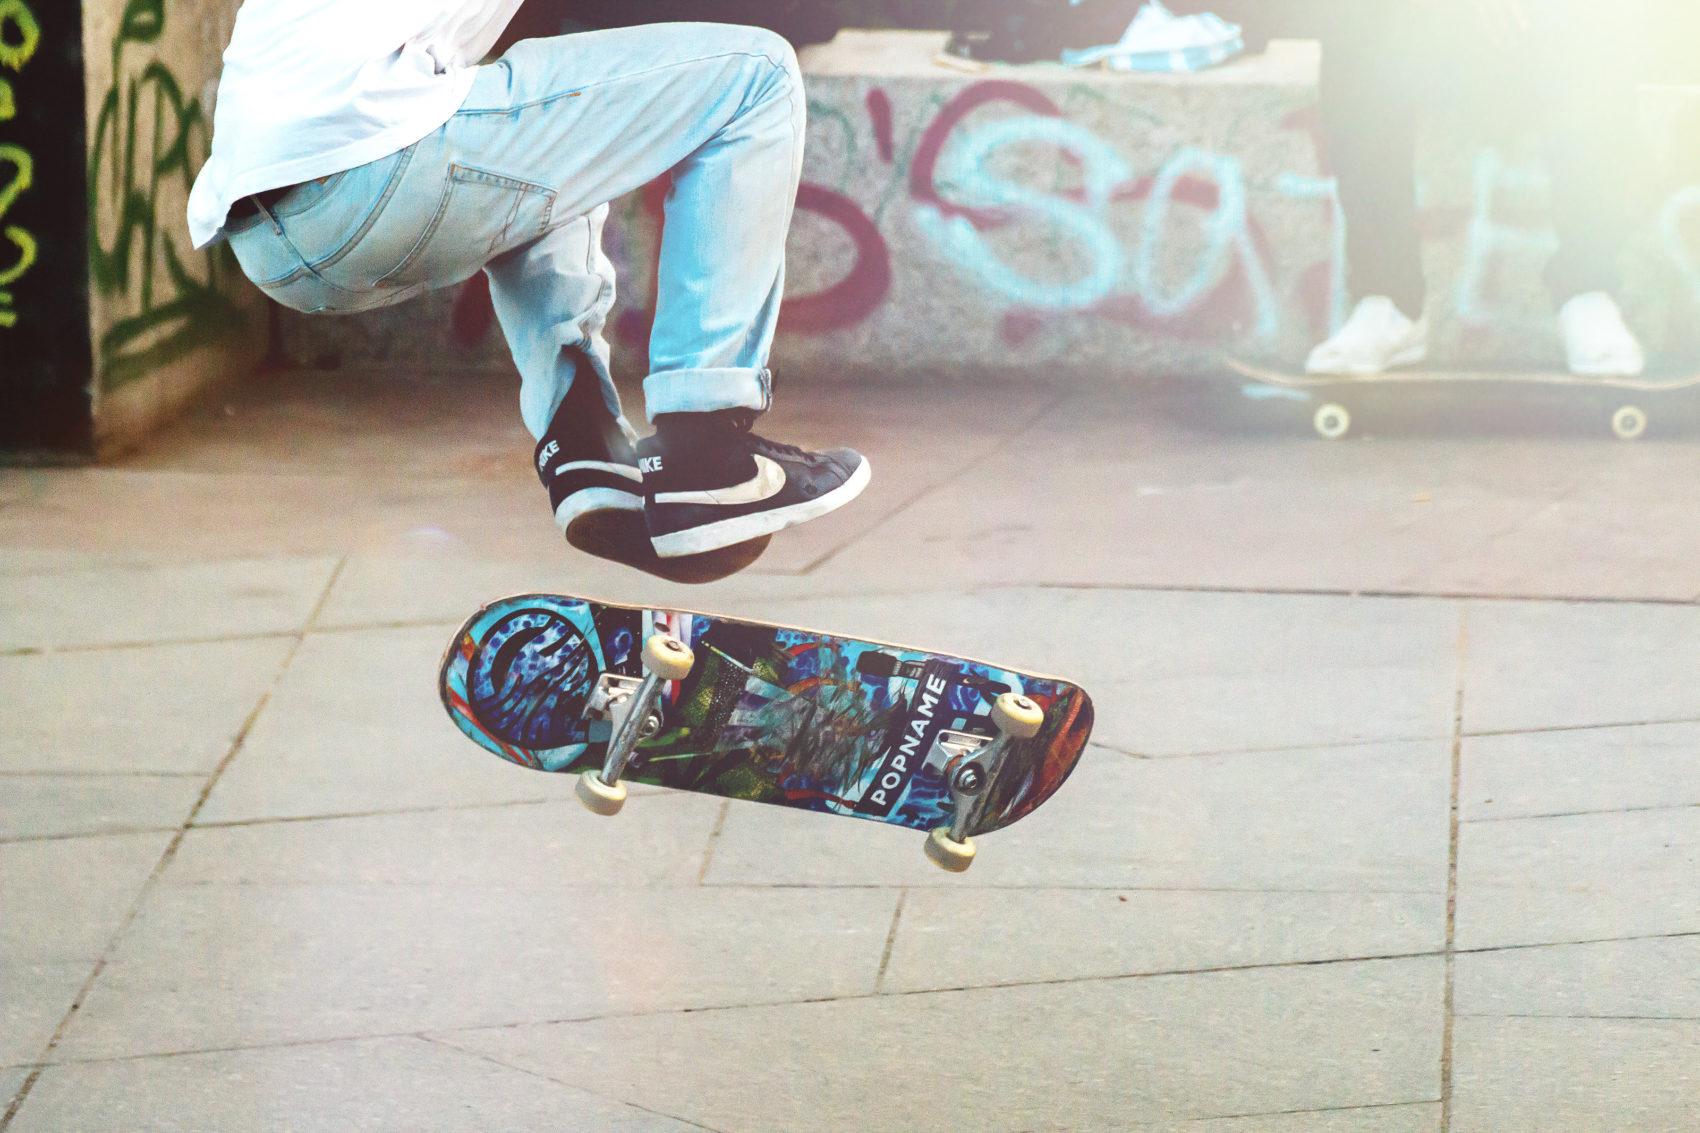 Apprendre Skate Colonies vacances l'été